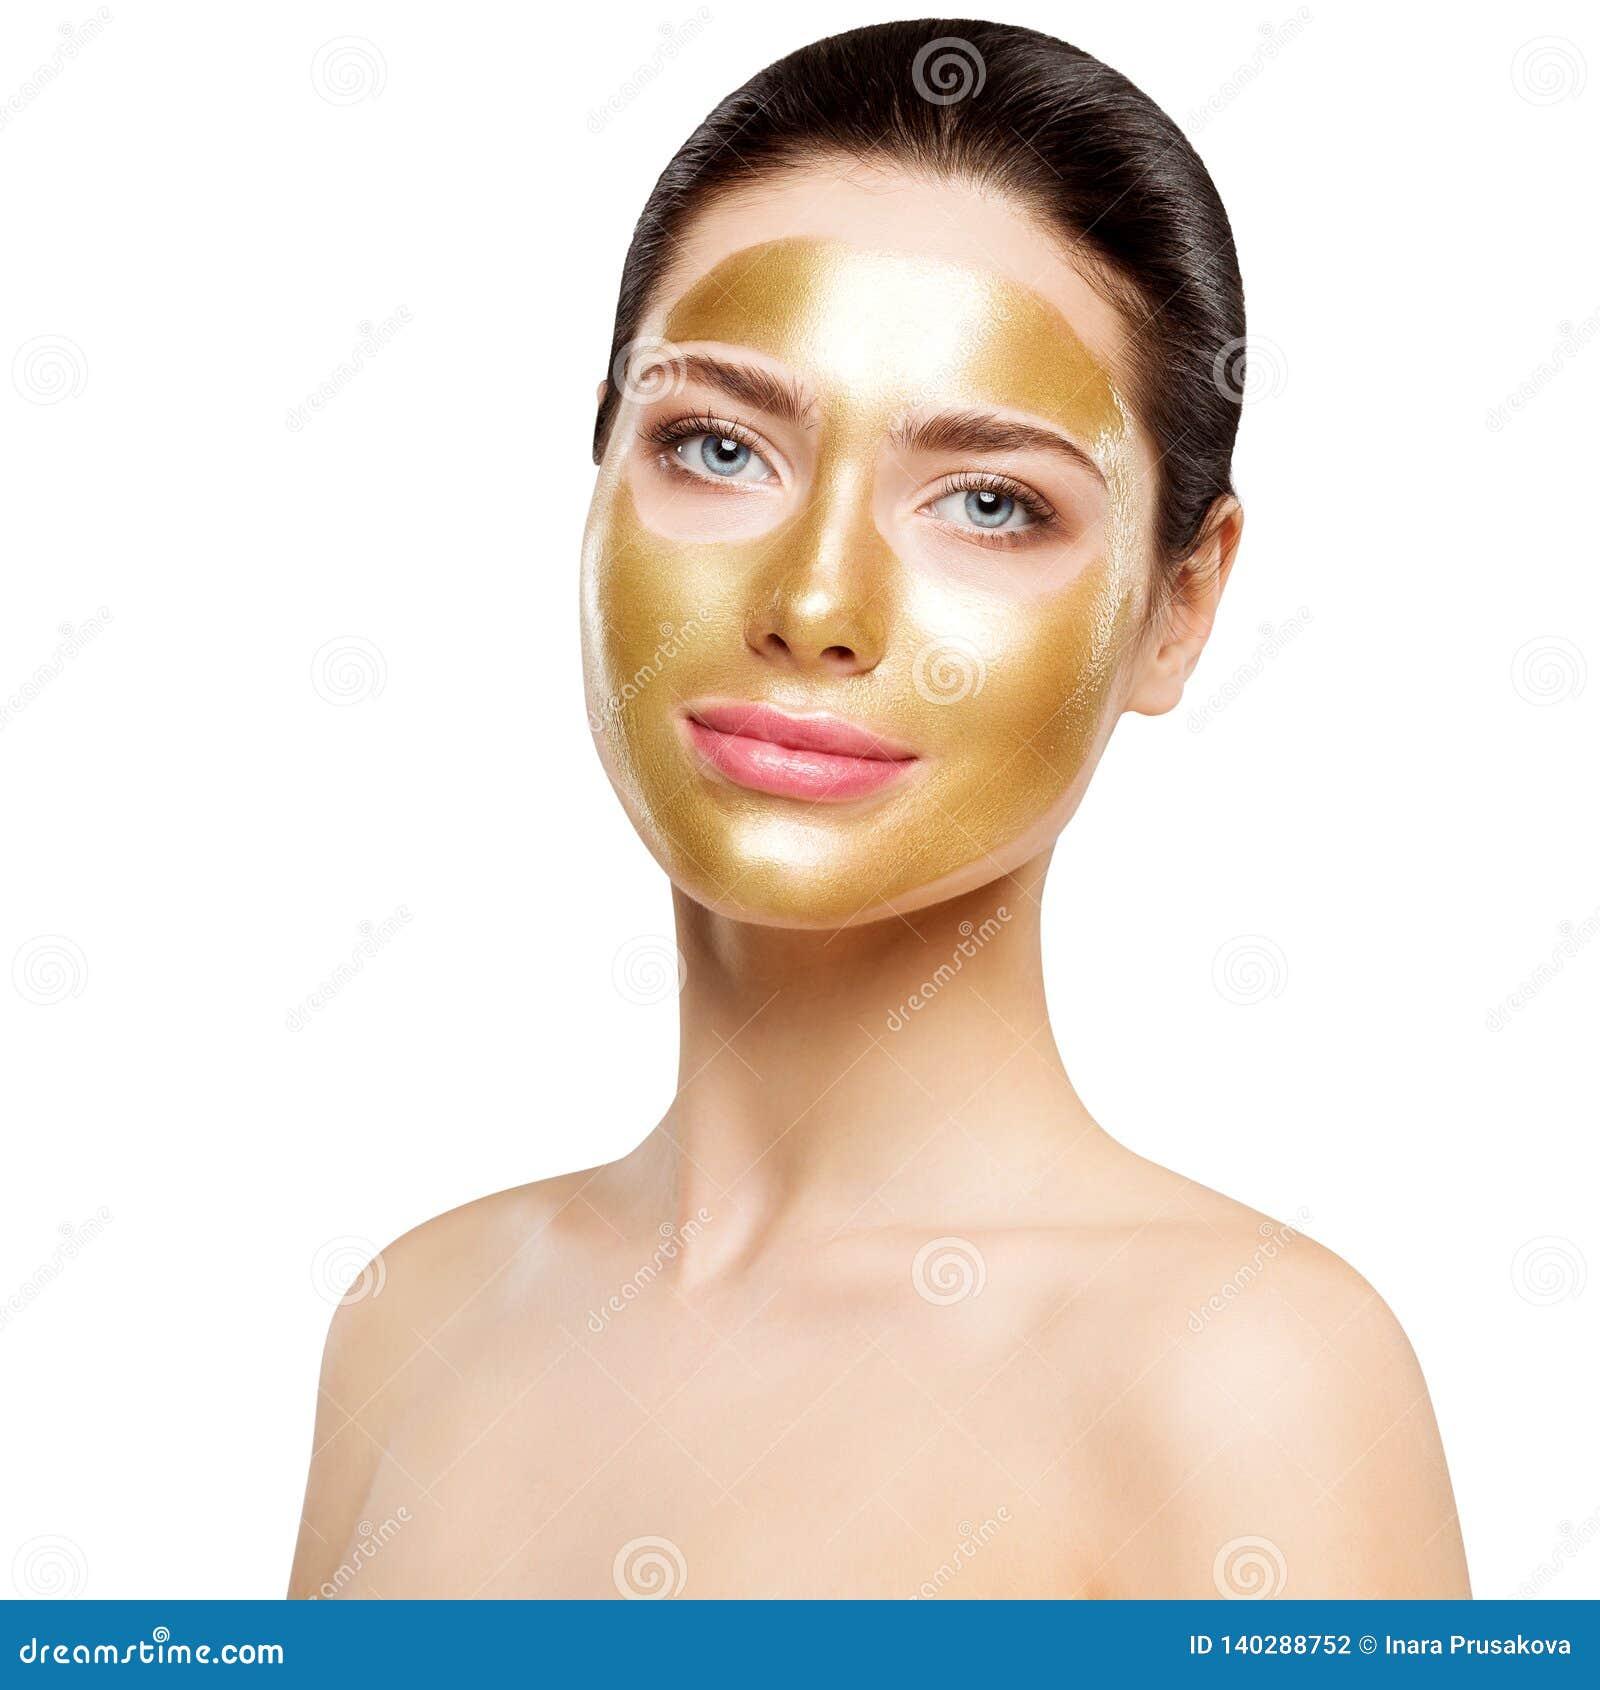 Vrouwen Gouden Masker, Mooi Model met Gouden Gezichtshuidschoonheidsmiddel, Schoonheid Skincare en Behandeling